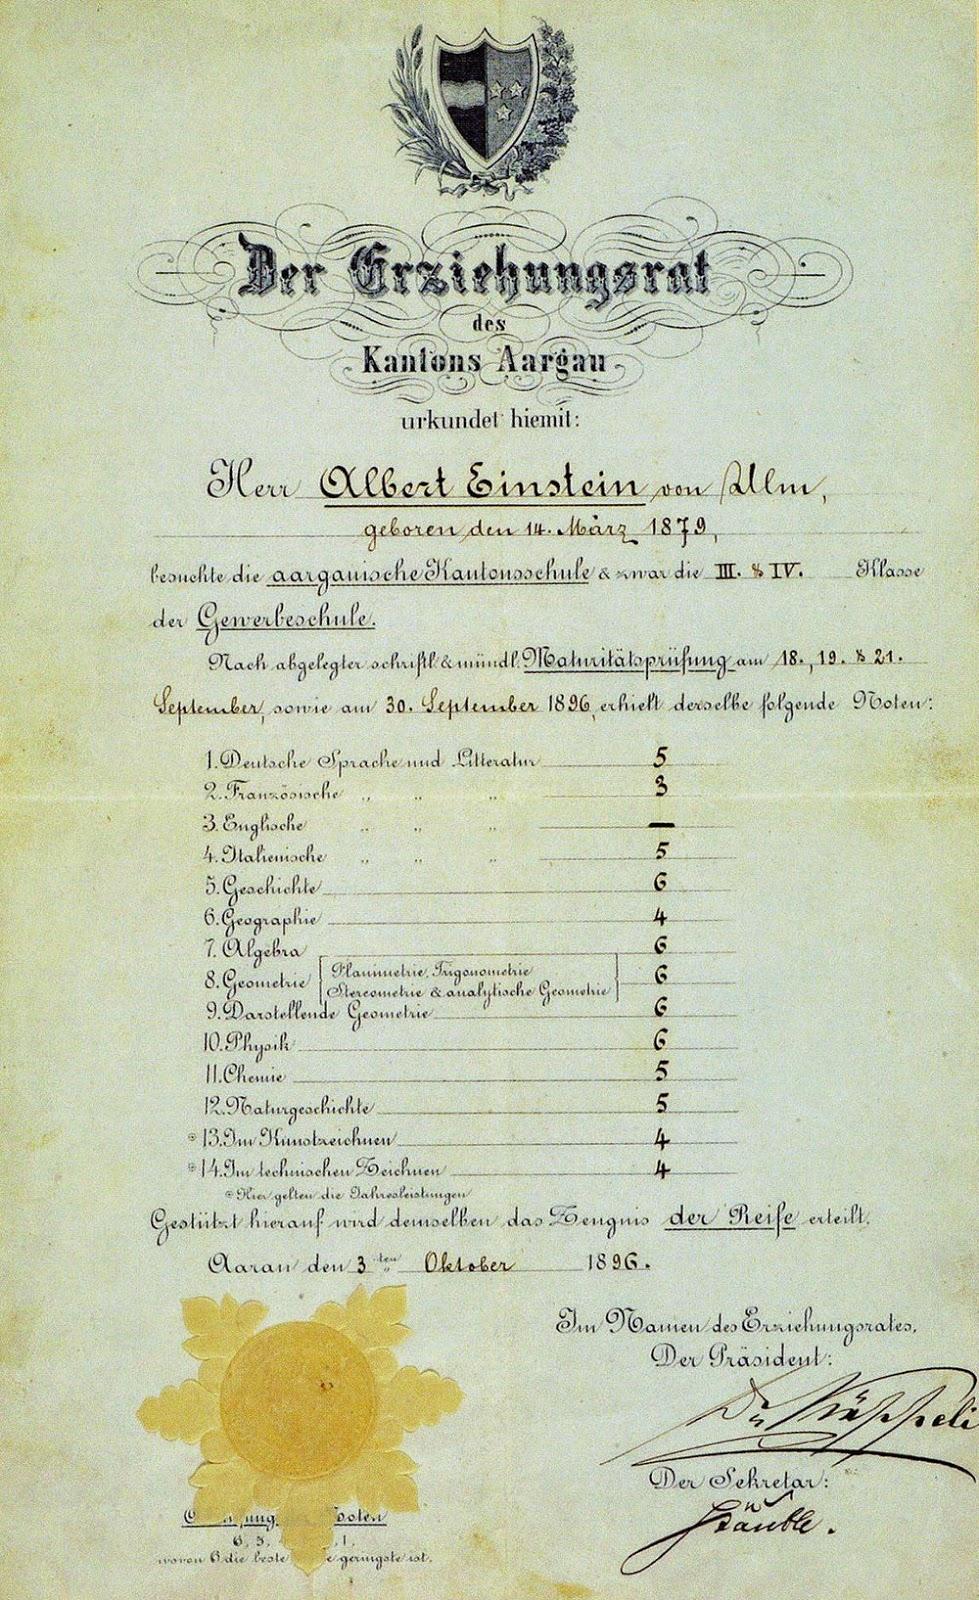 Certificado de matrícula de Albert Einstein, 17 años, 1896. Es un mito que Einstein era malo en matemáticas.